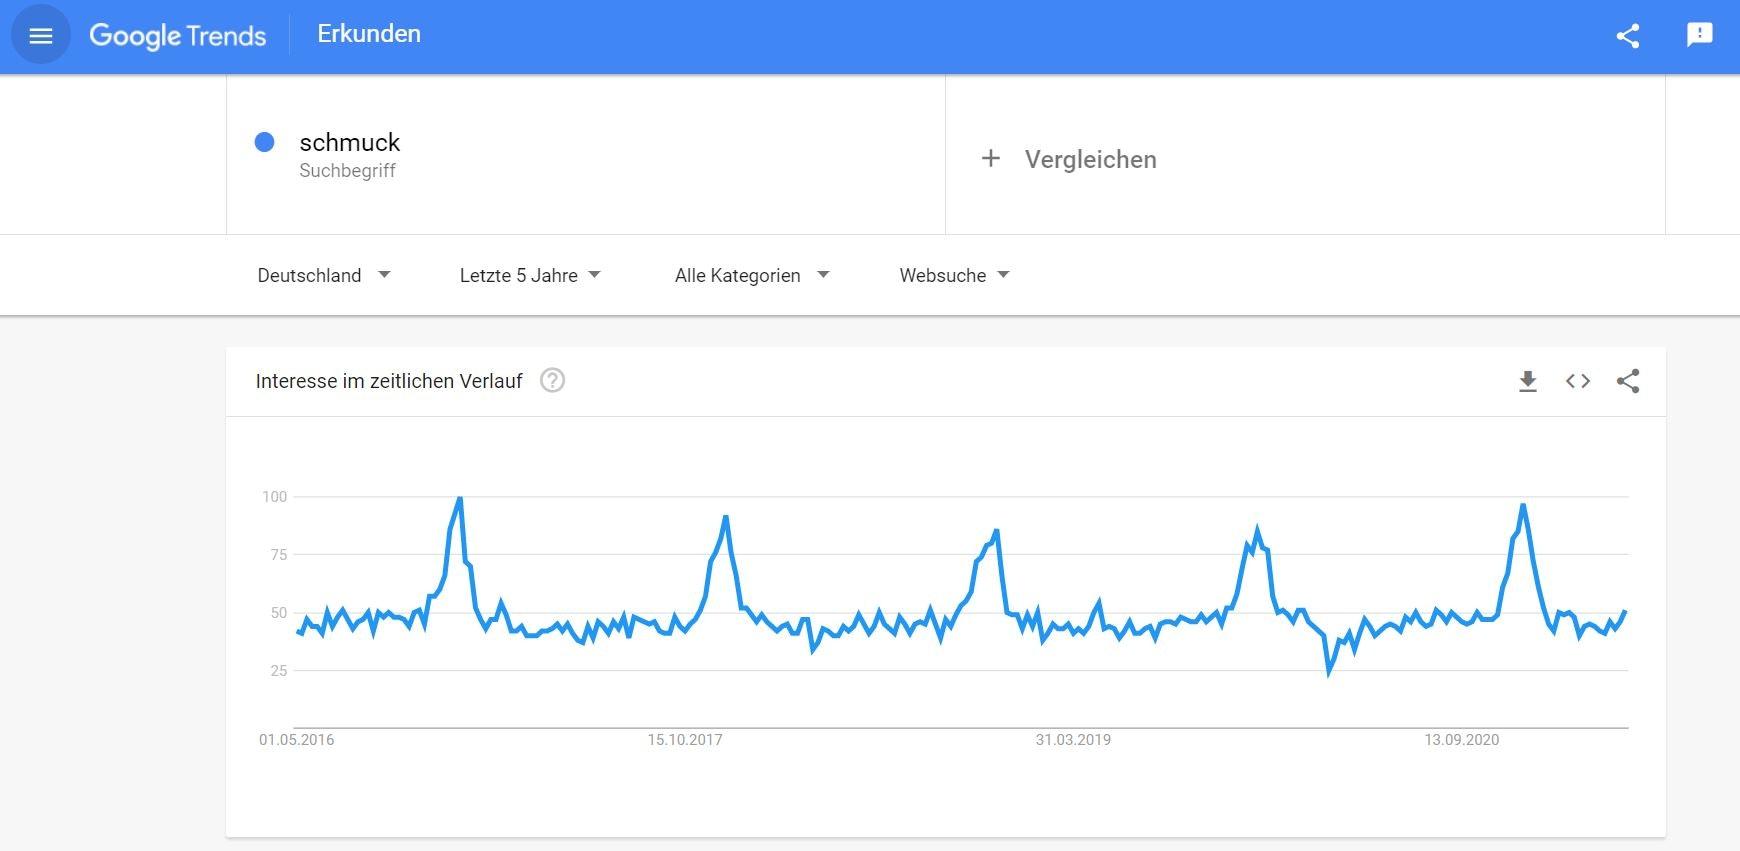 Schmuck online verkaufen - Google Trends